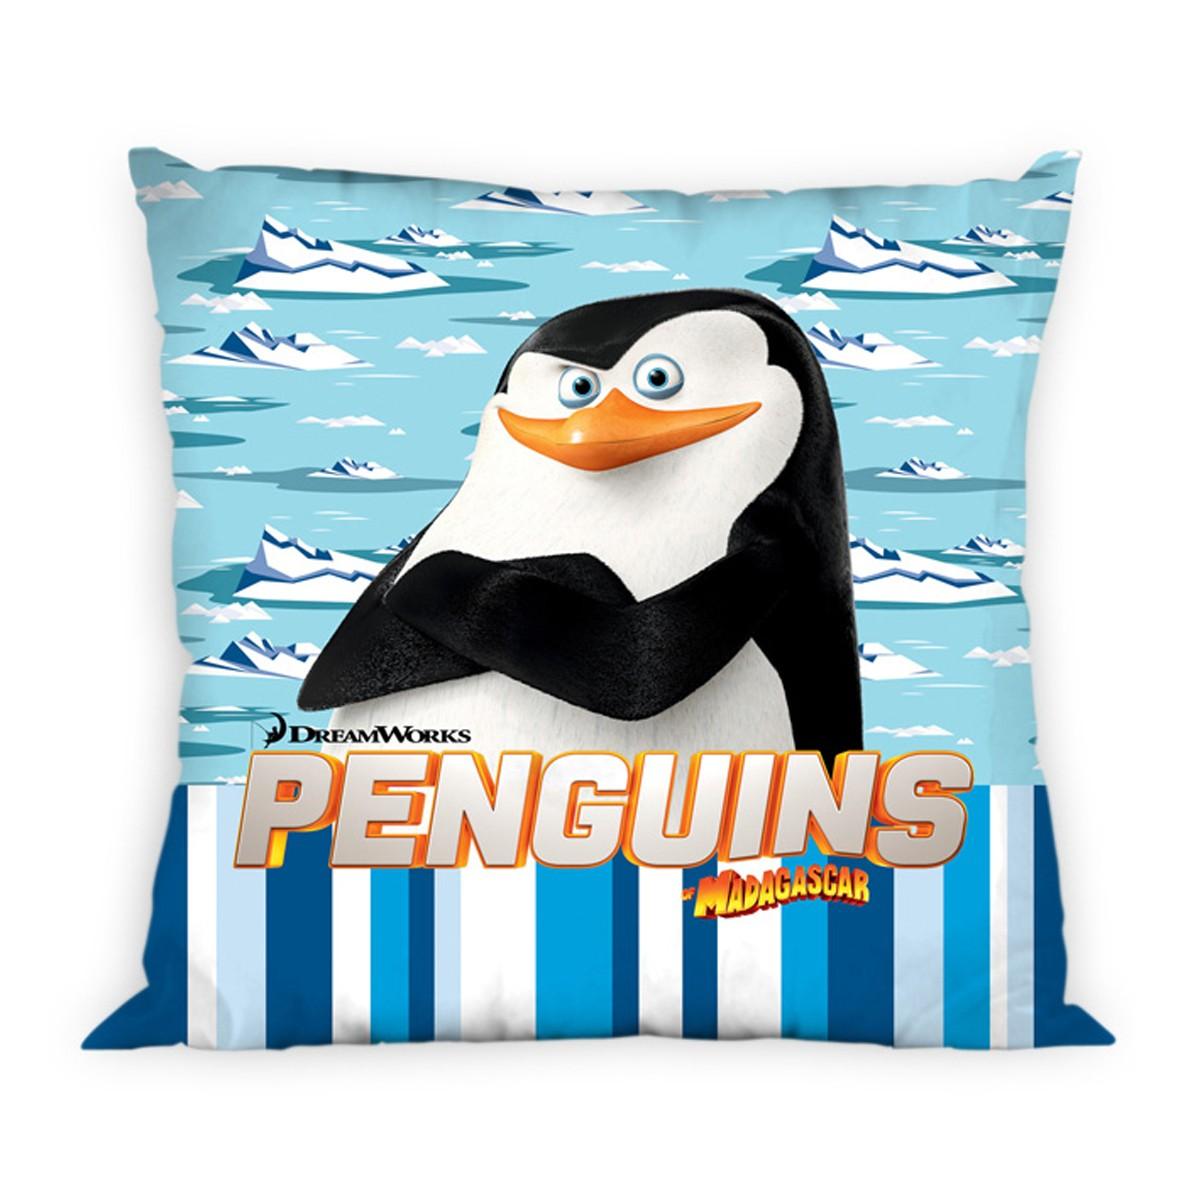 Διακοσμητικό Μαξιλάρι Dim Collection Penguins 20 home   παιδικά   διακοσμητικά μαξιλάρια παιδικά